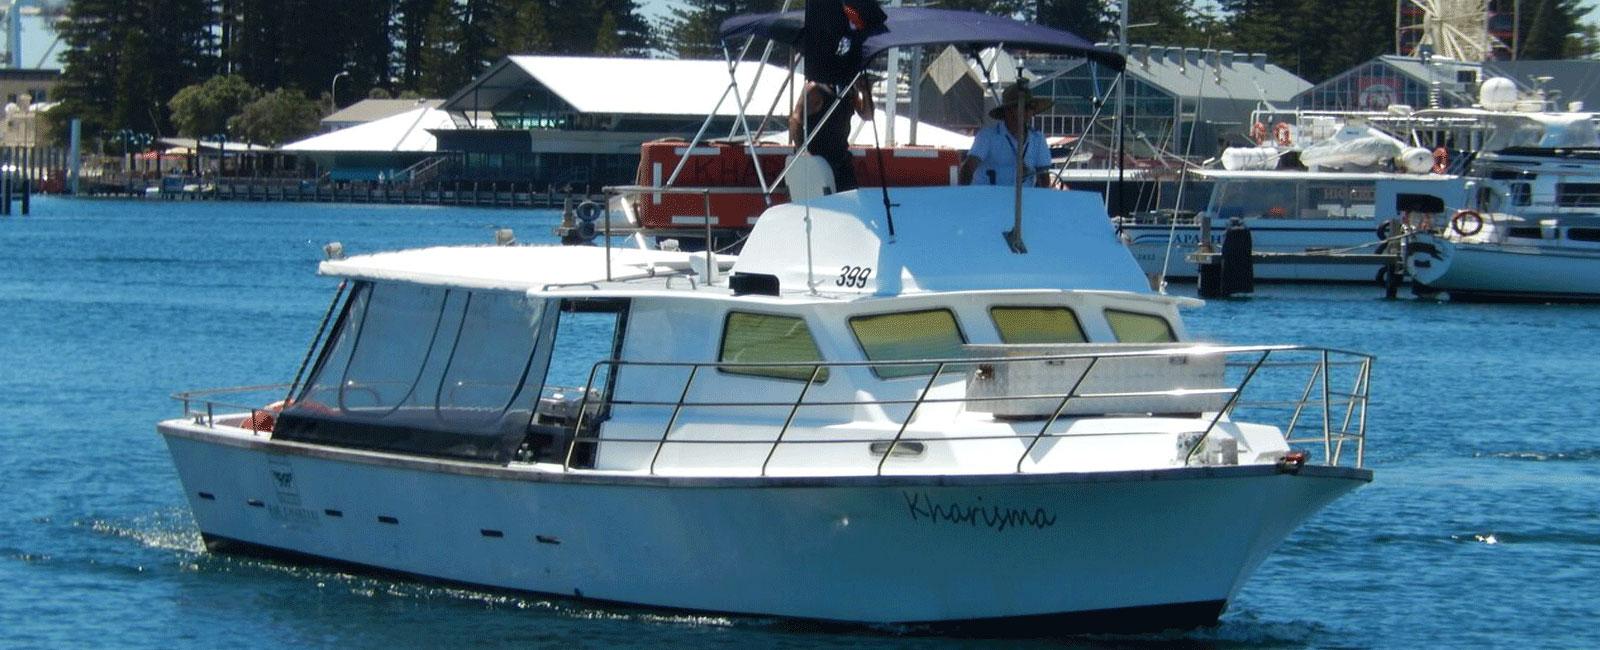 Kharisma-Fremantle-boat-charters